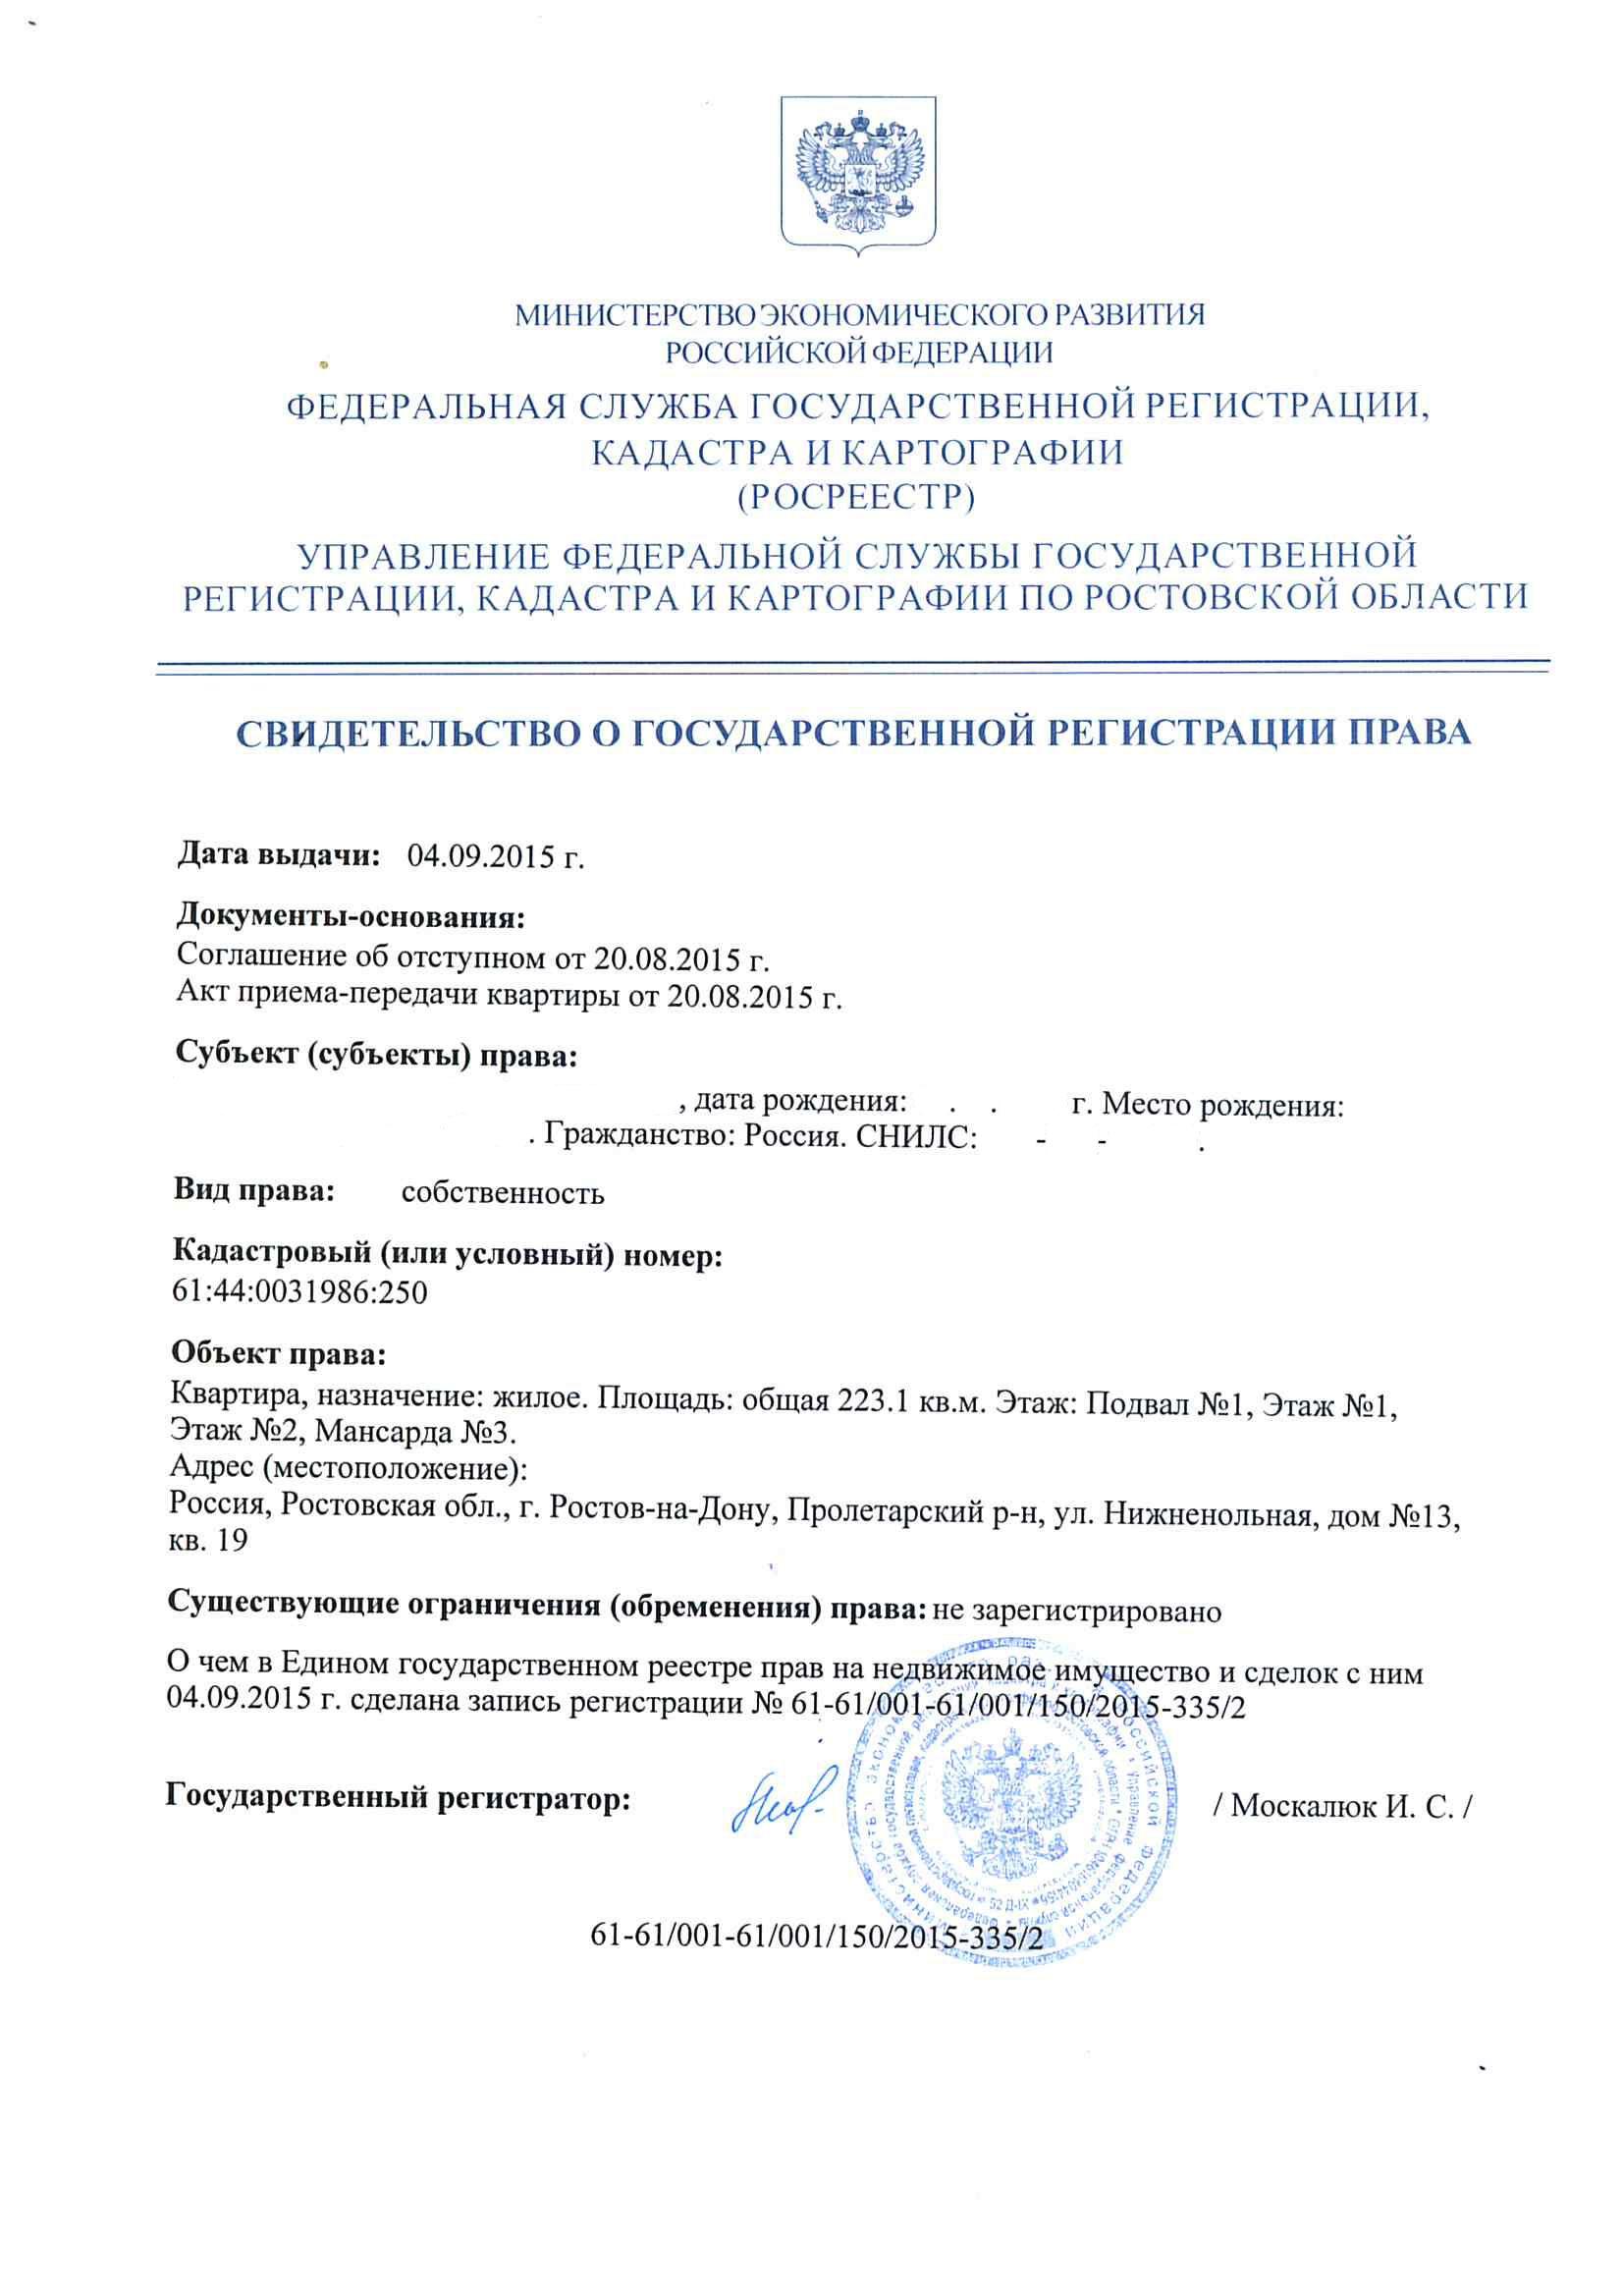 Свидетельство о гос регистрации квартира 19